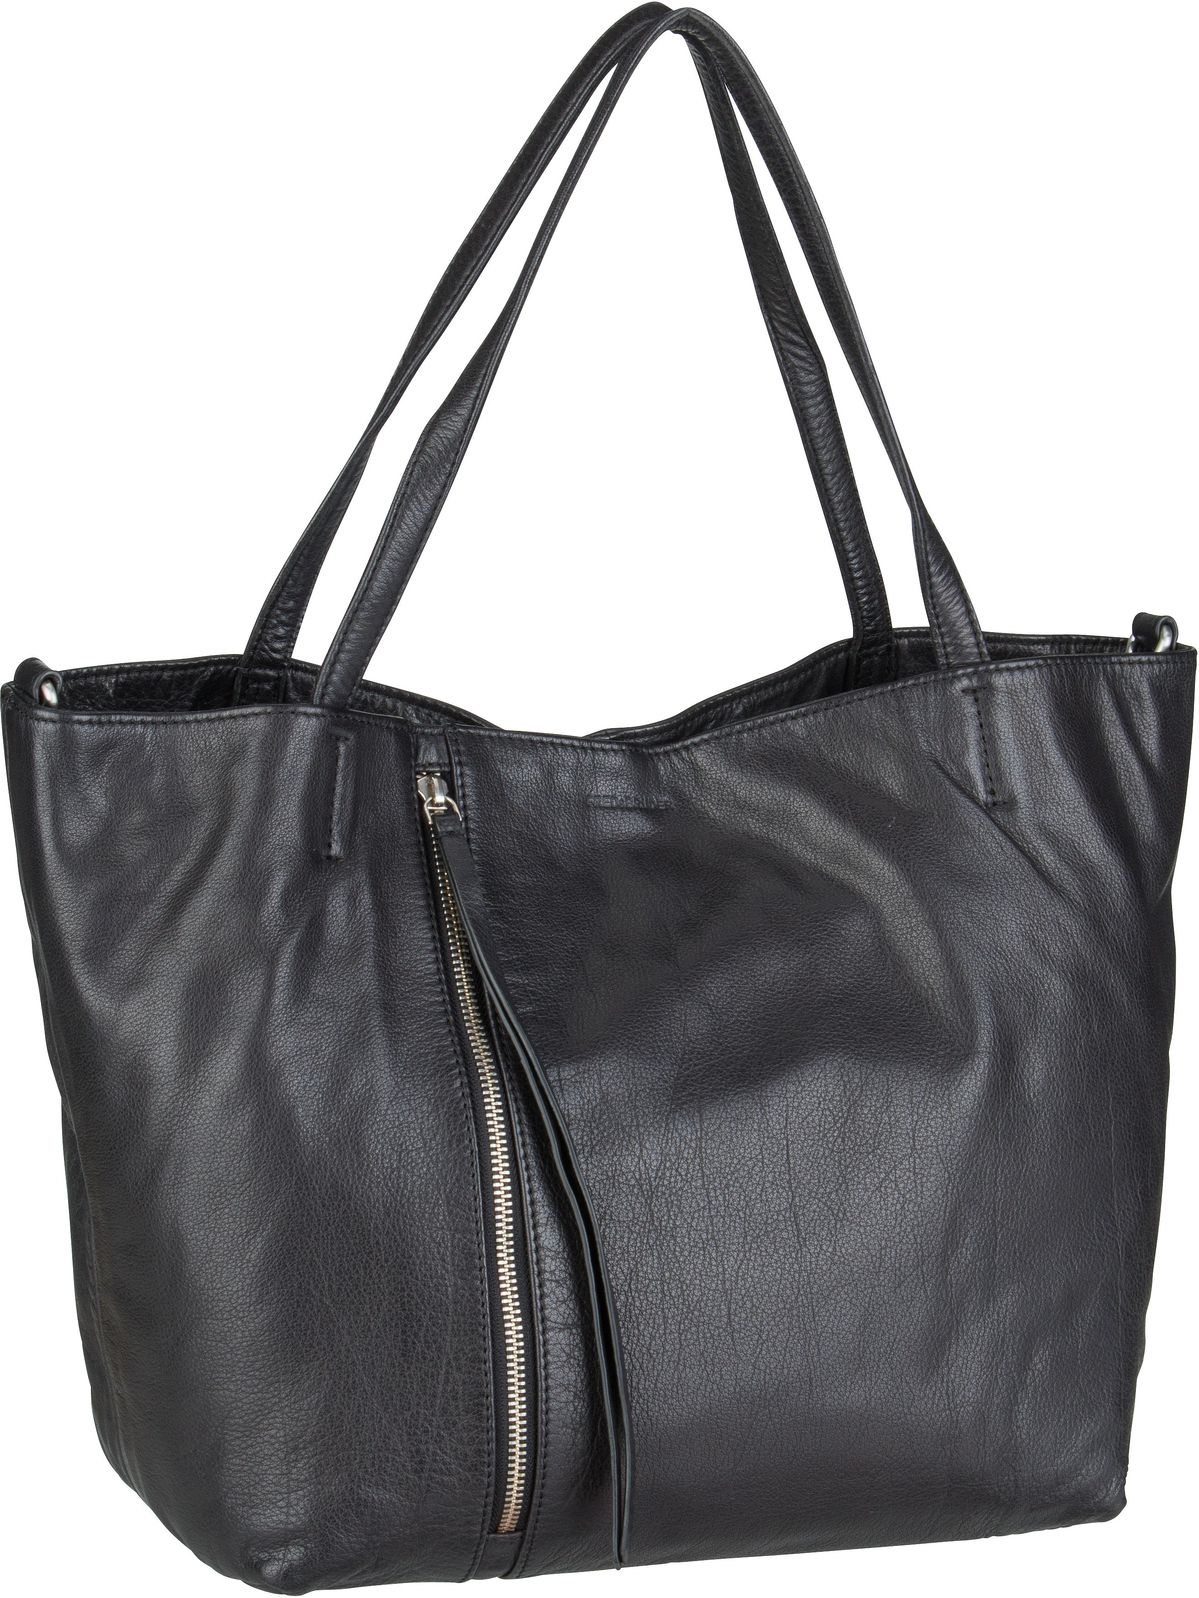 Handtasche Ahe Pep Black